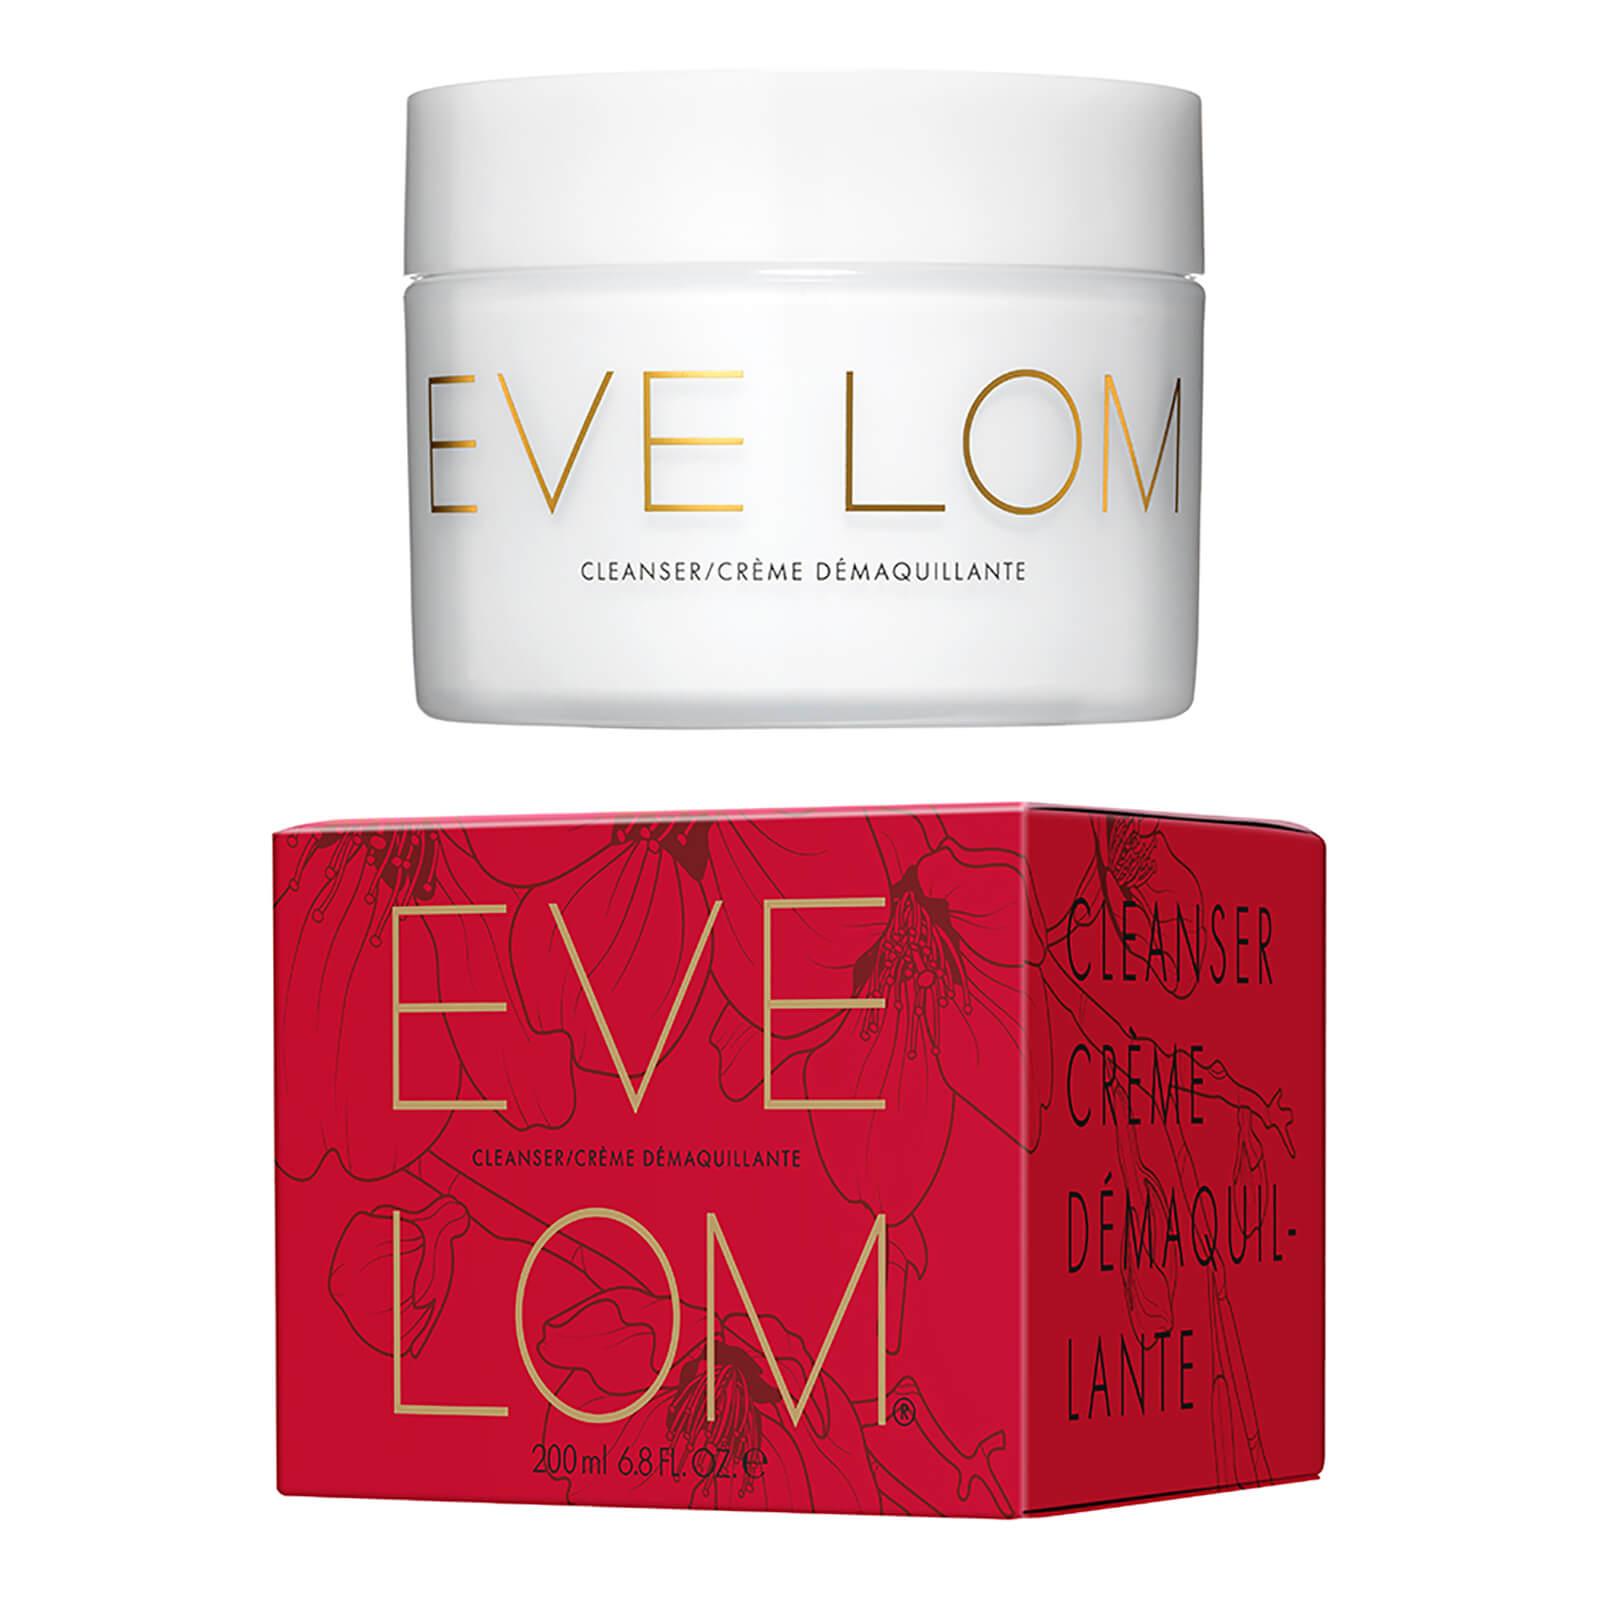 7.2折!Eve Lom 卸妆膏 中国新年限量包装 200ml 附两条洁面巾